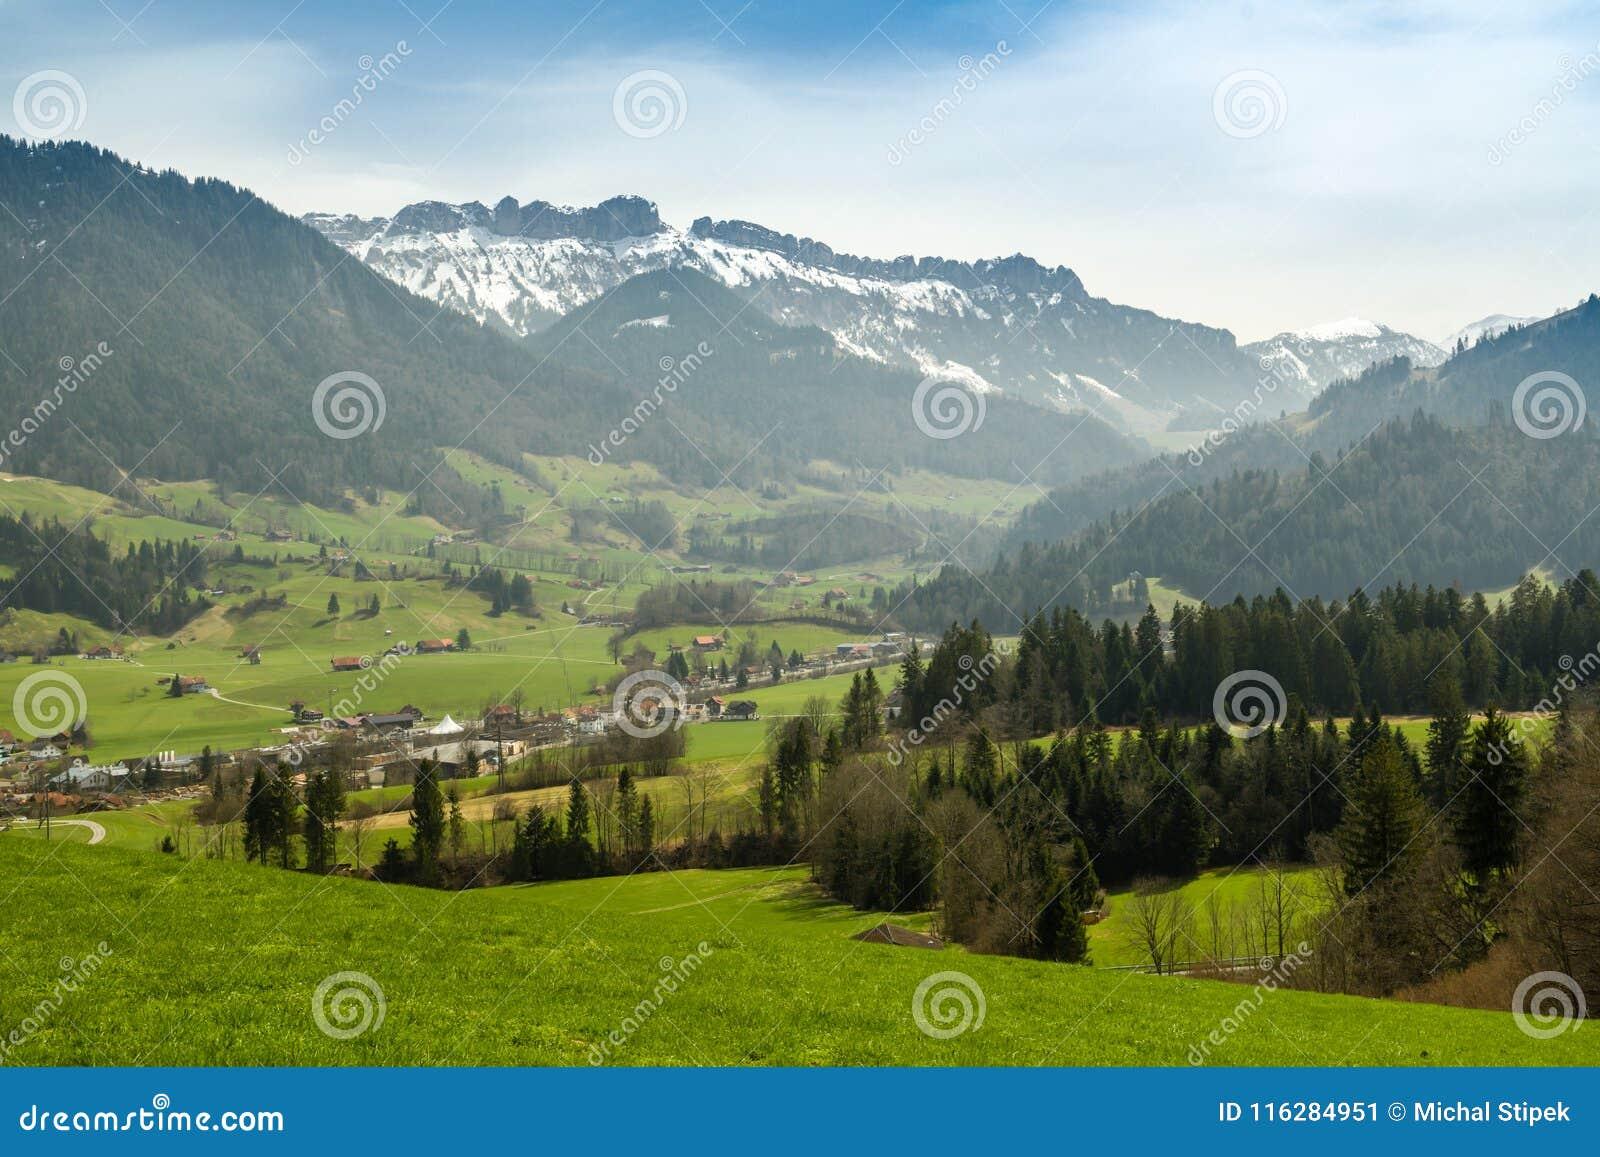 Entlebuch, πρώτη περιβαλλοντικά προστατευόμενη περιοχή βιόσφαιρας